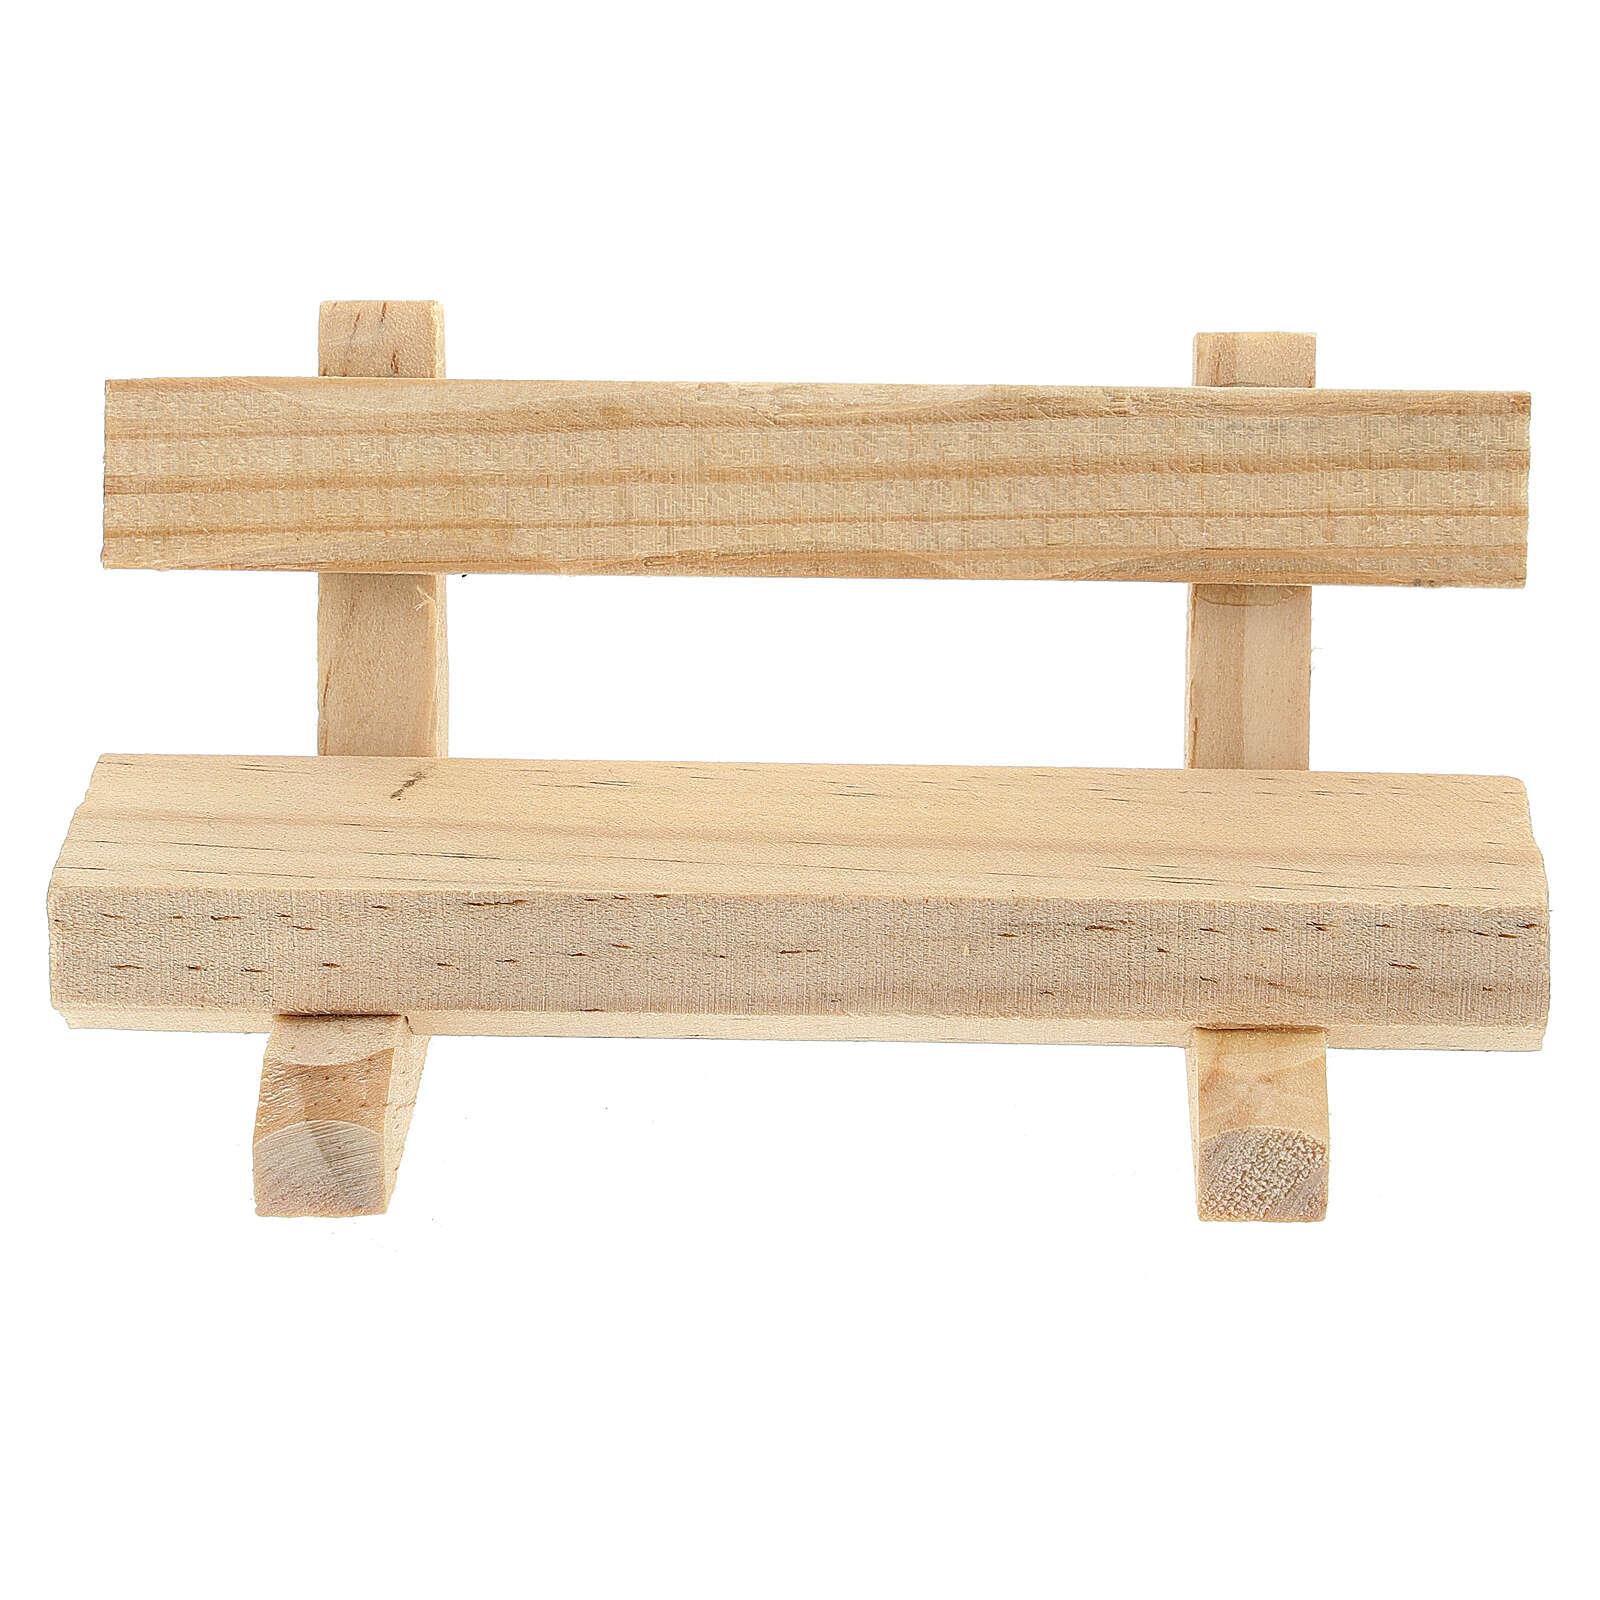 Banc bois 5x10x5 cm crèche 10-12 cm 4